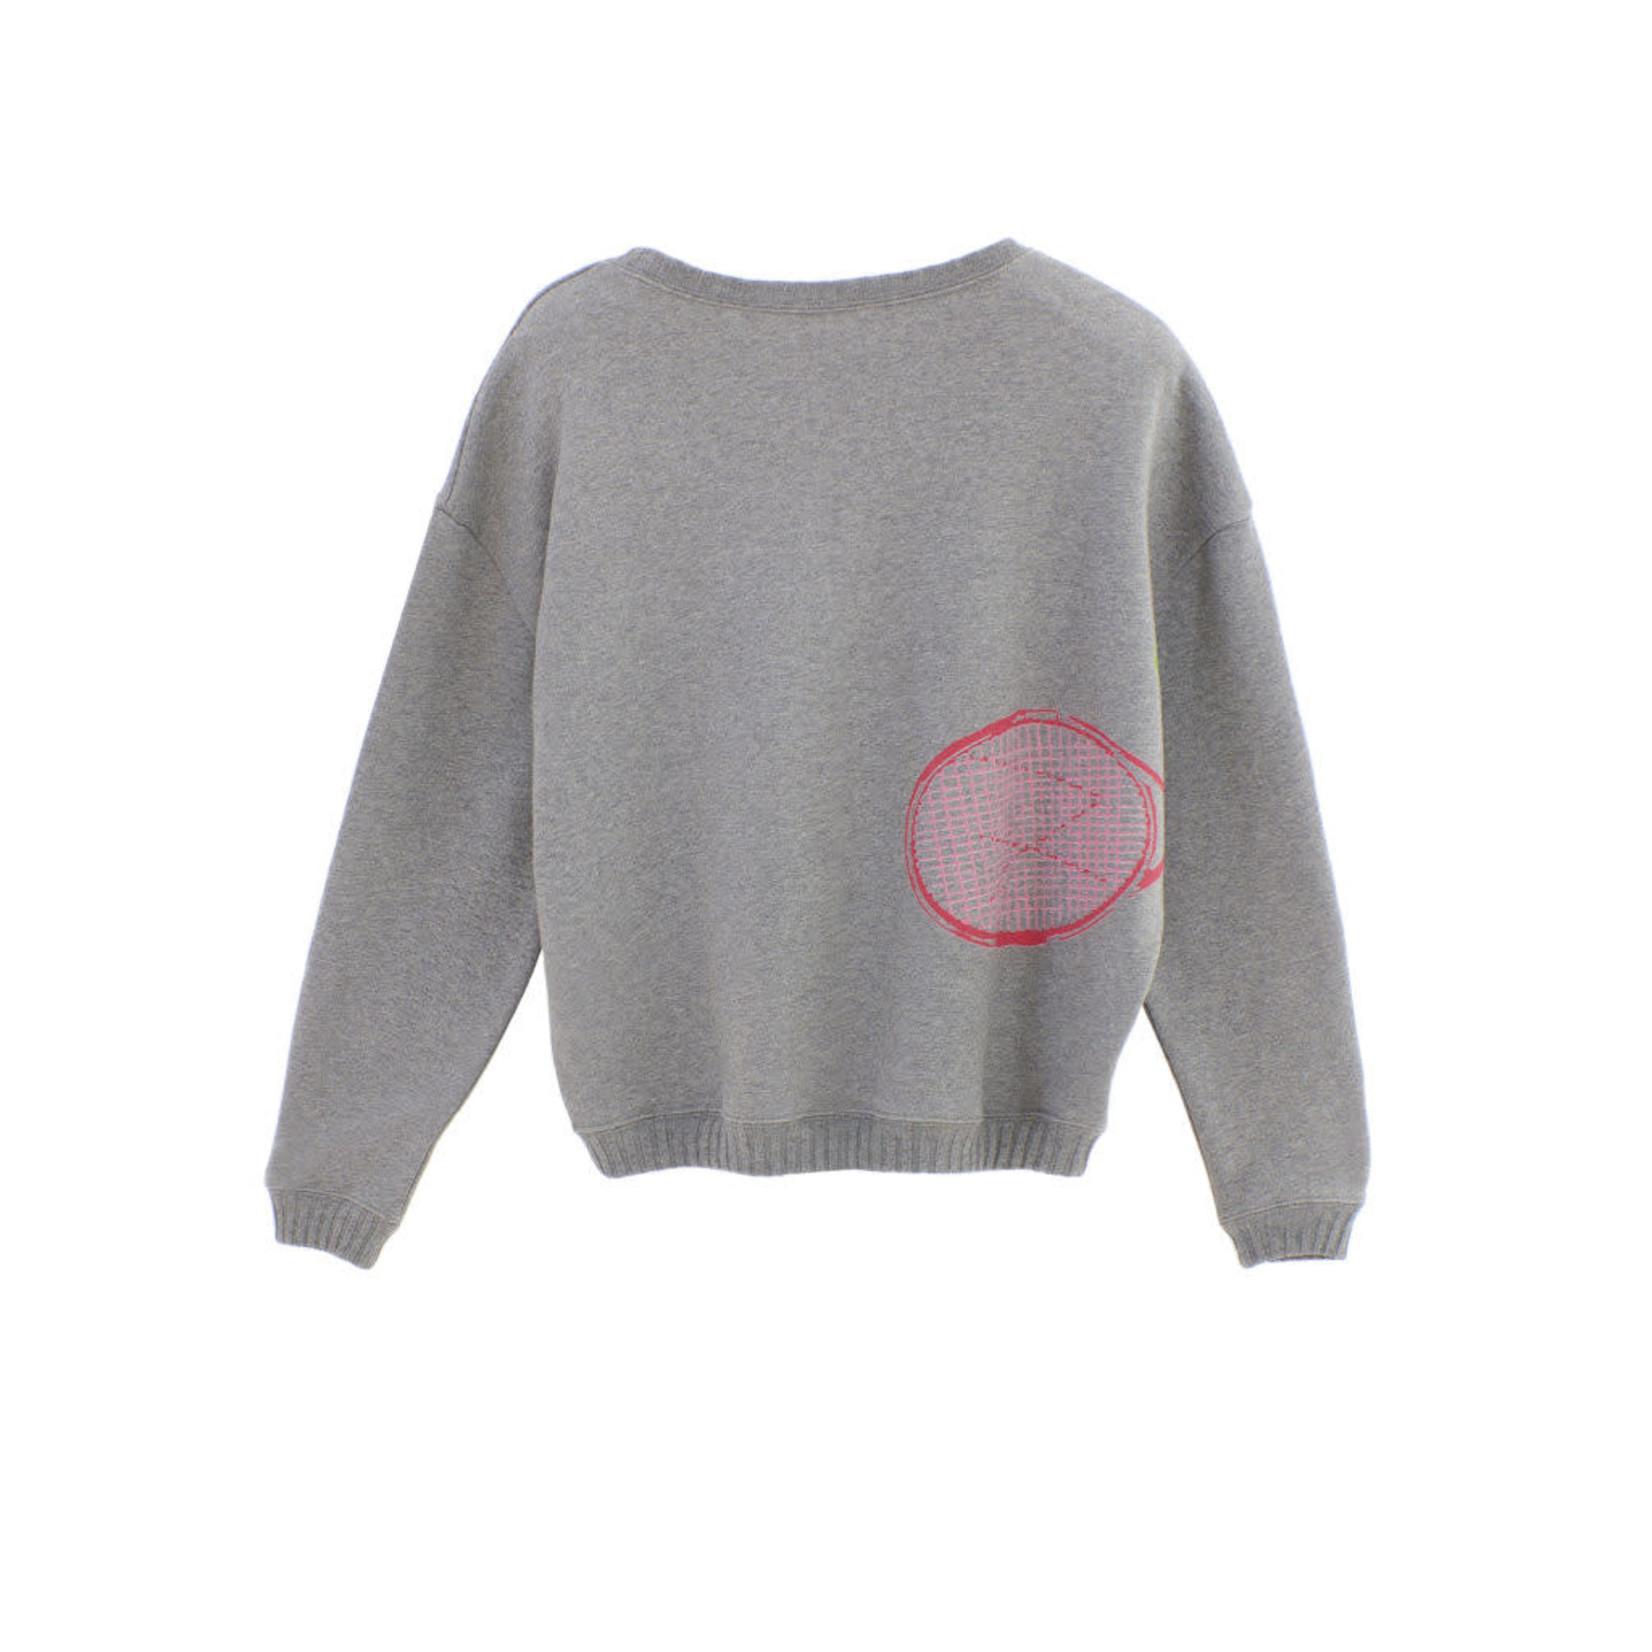 Vieux Jeu Dames - Miou Sweater Racket